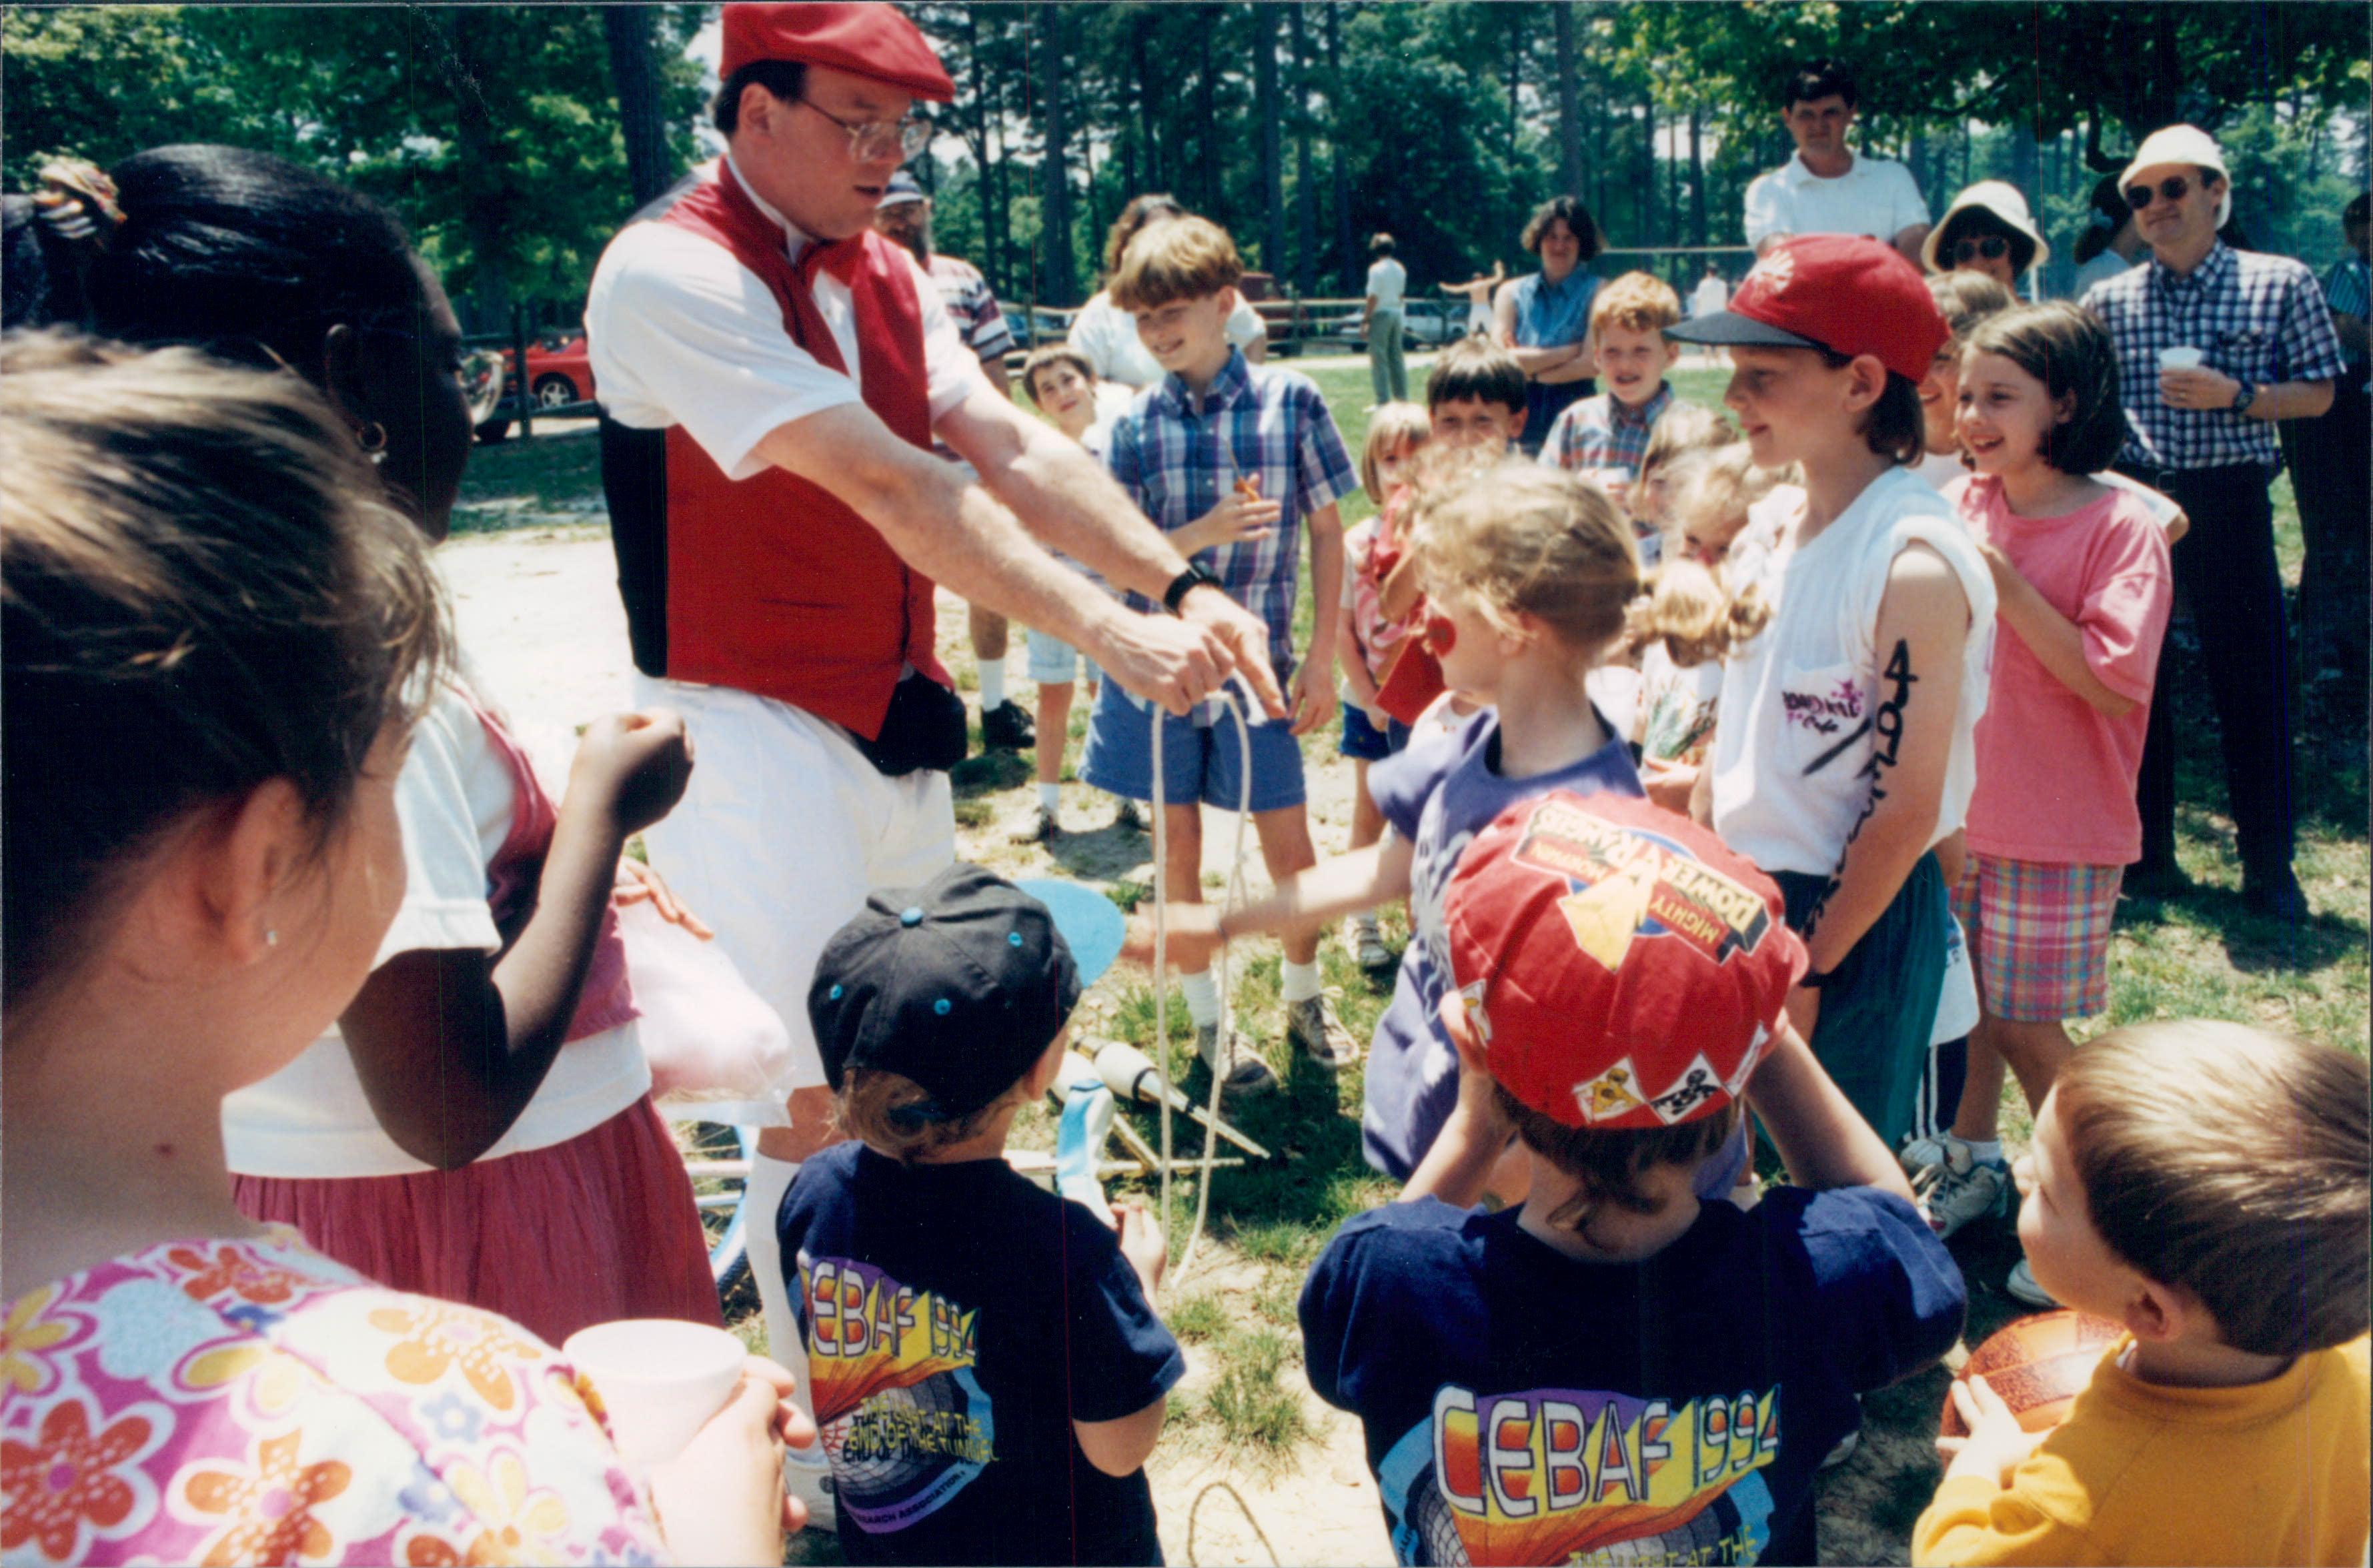 1995 CEBAF Family Picnic, May 13, 1995